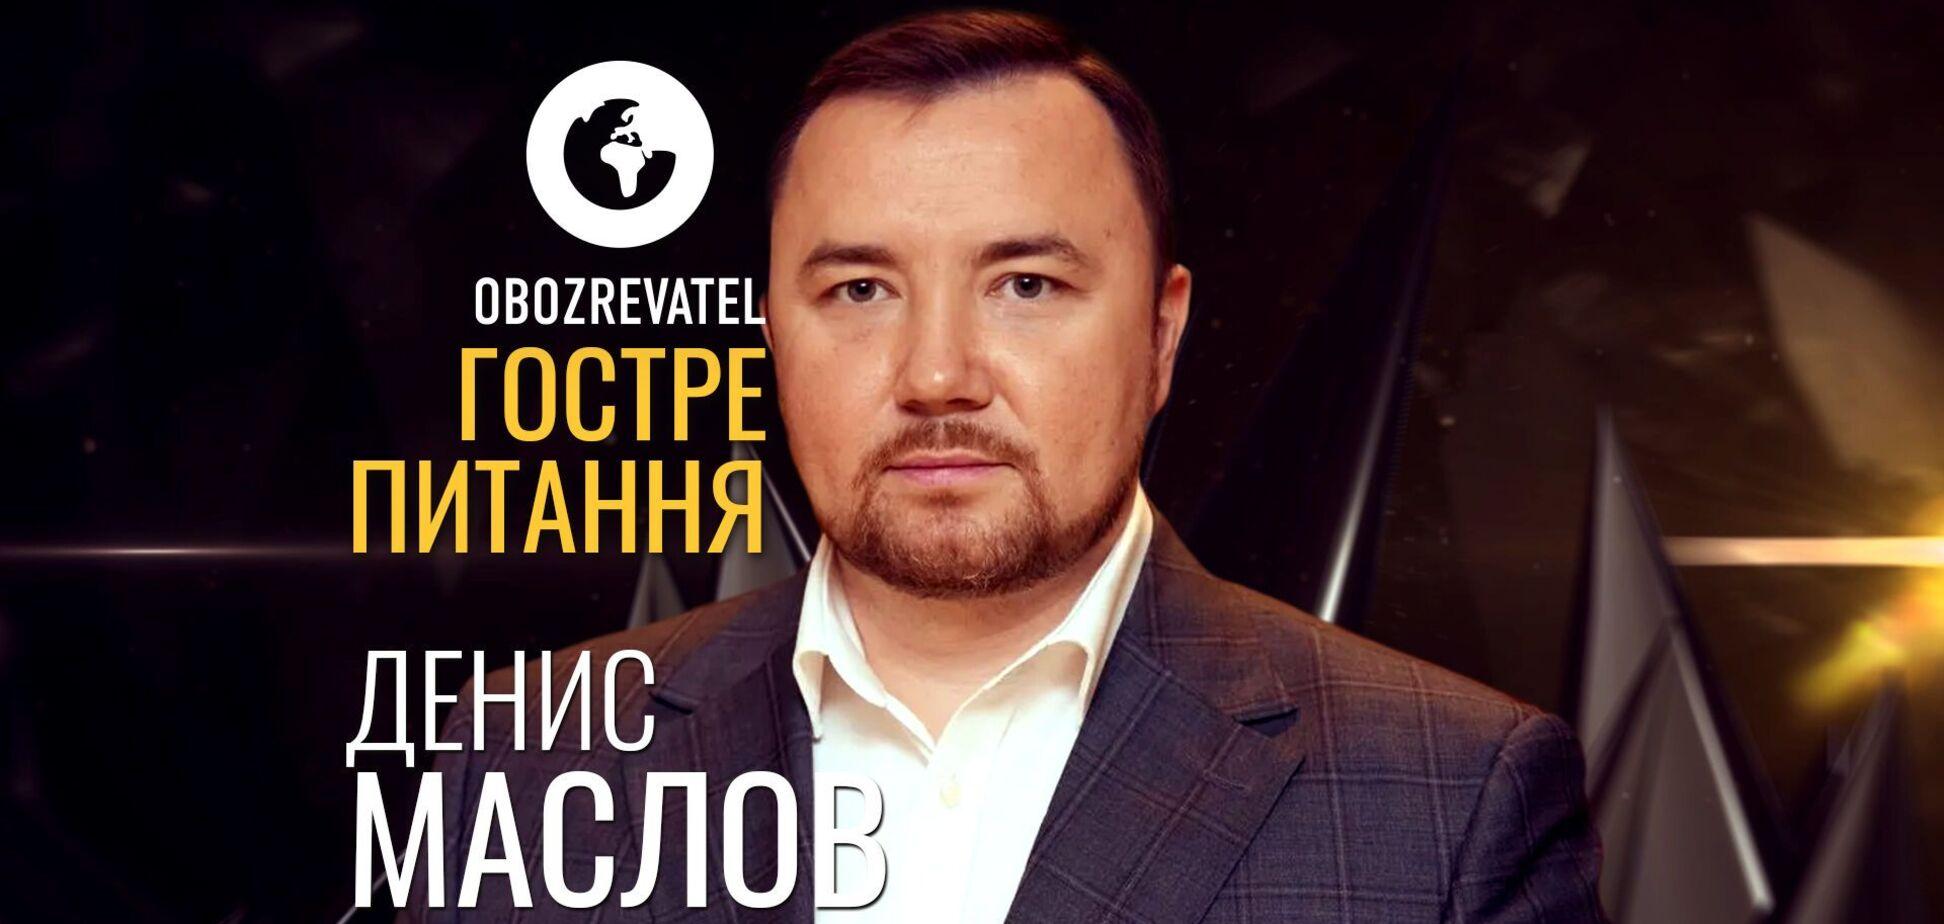 Денис Маслов | Гостре питання